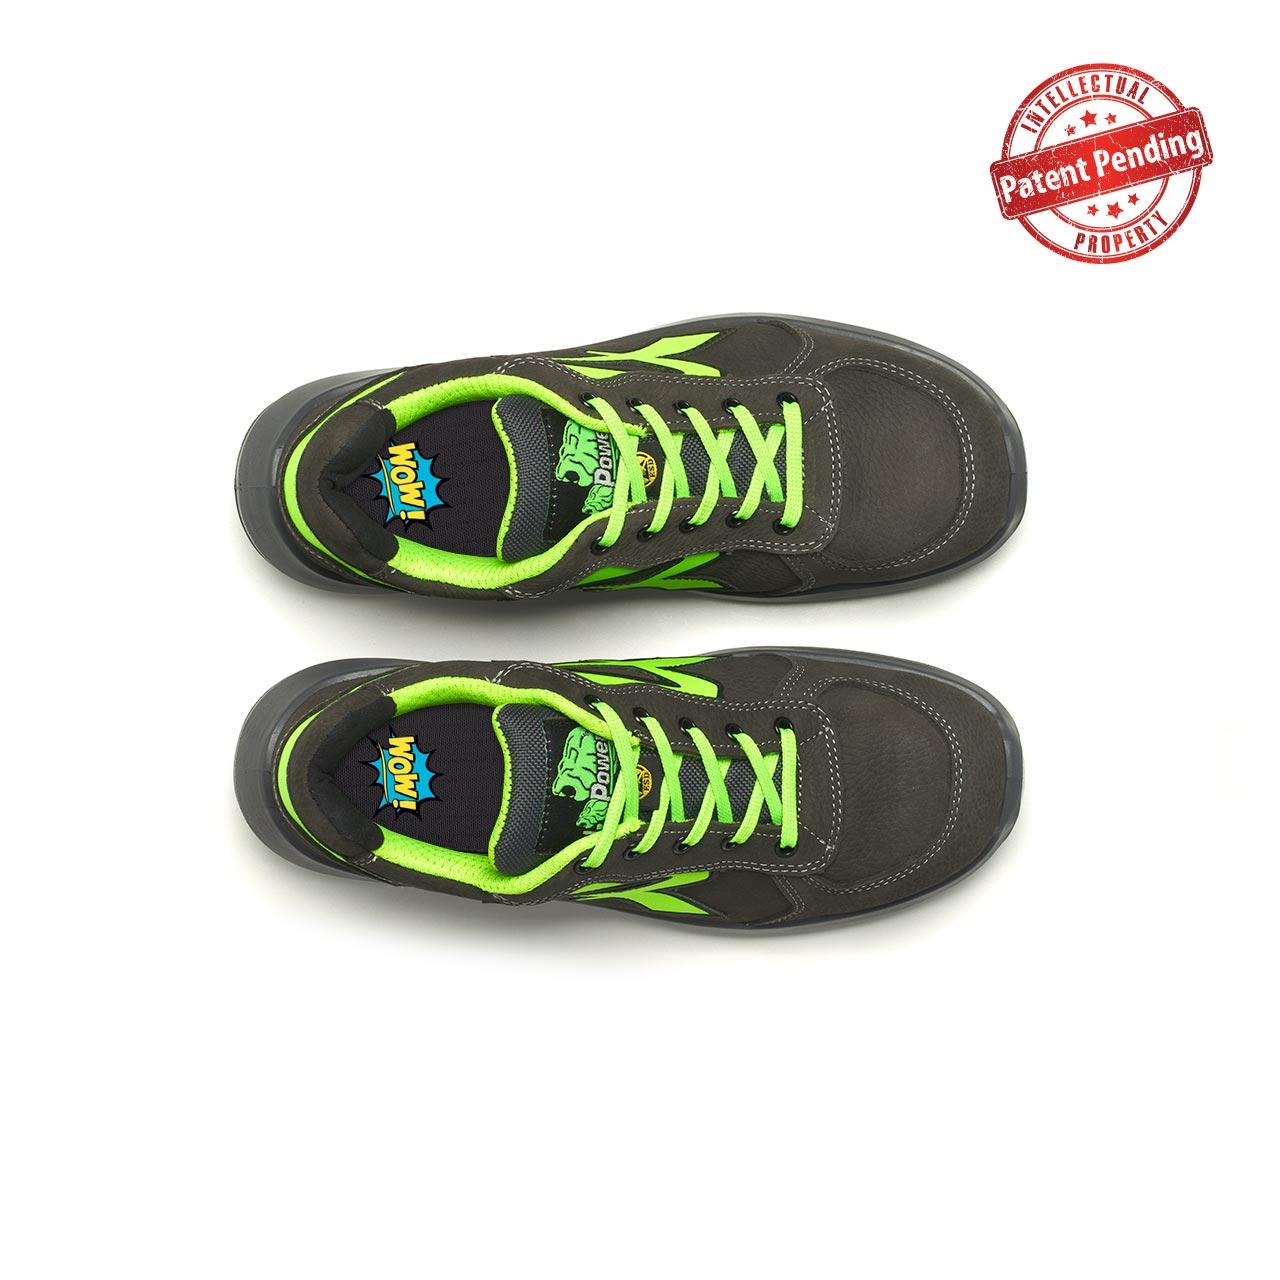 paio di scarpe antinfortunistiche upower modello hydra linea redup vista top